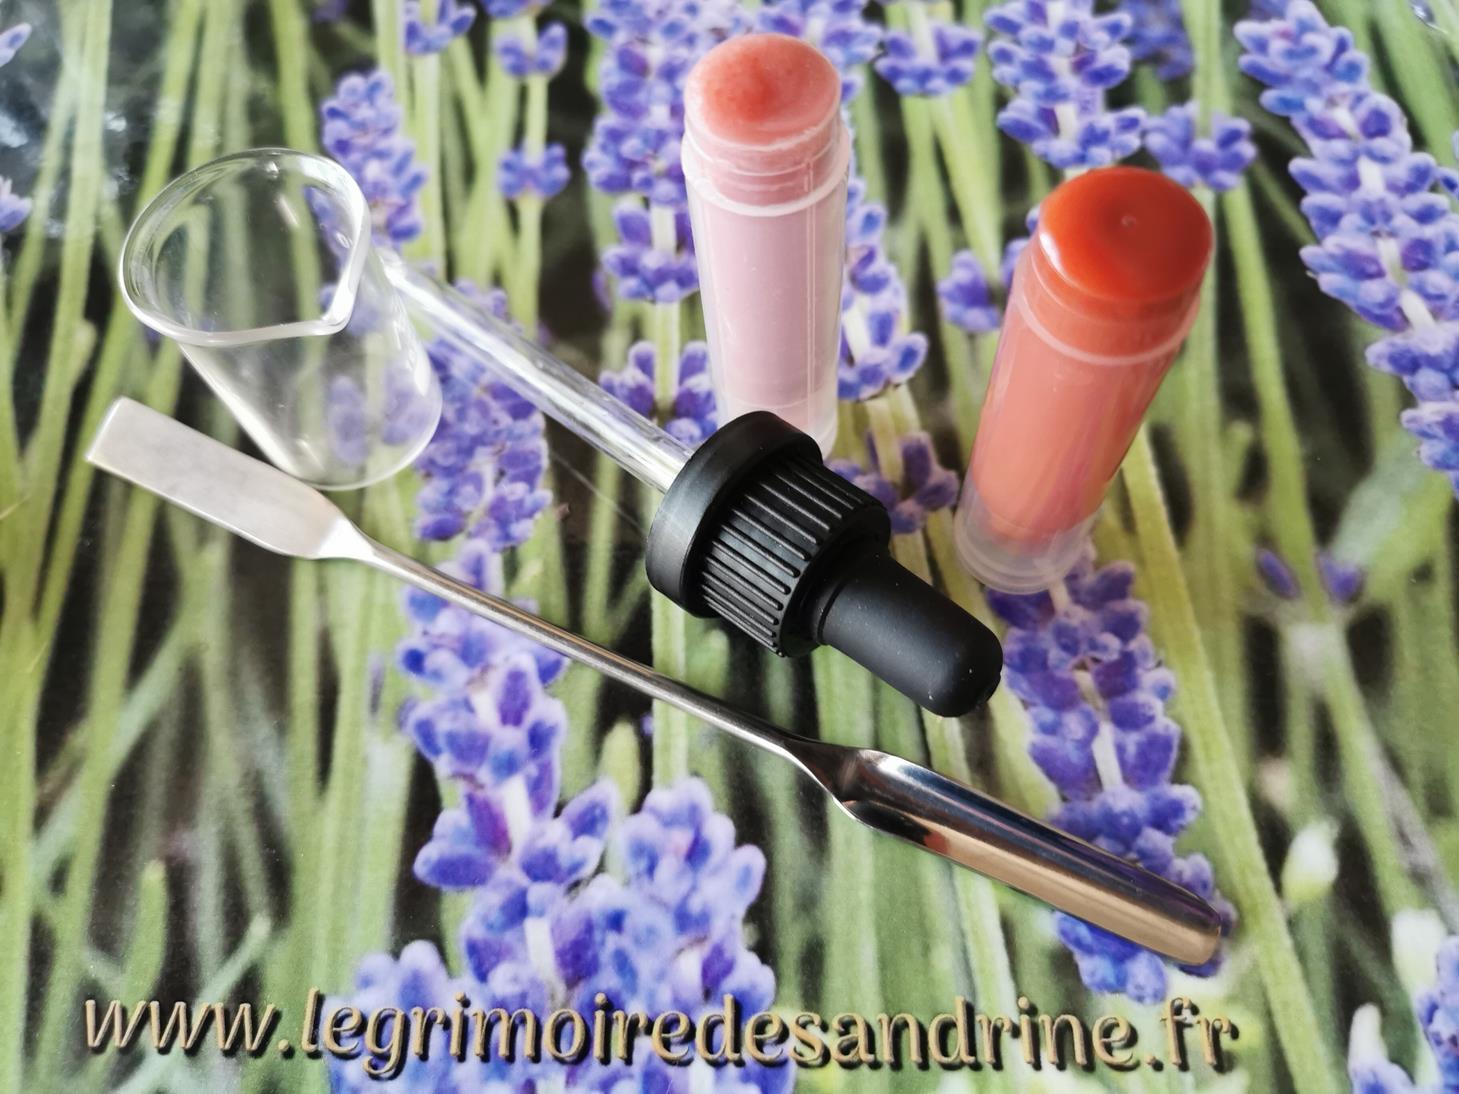 Atelier cosmétique - baume à lèvres - Le Grimoire de Sandrine